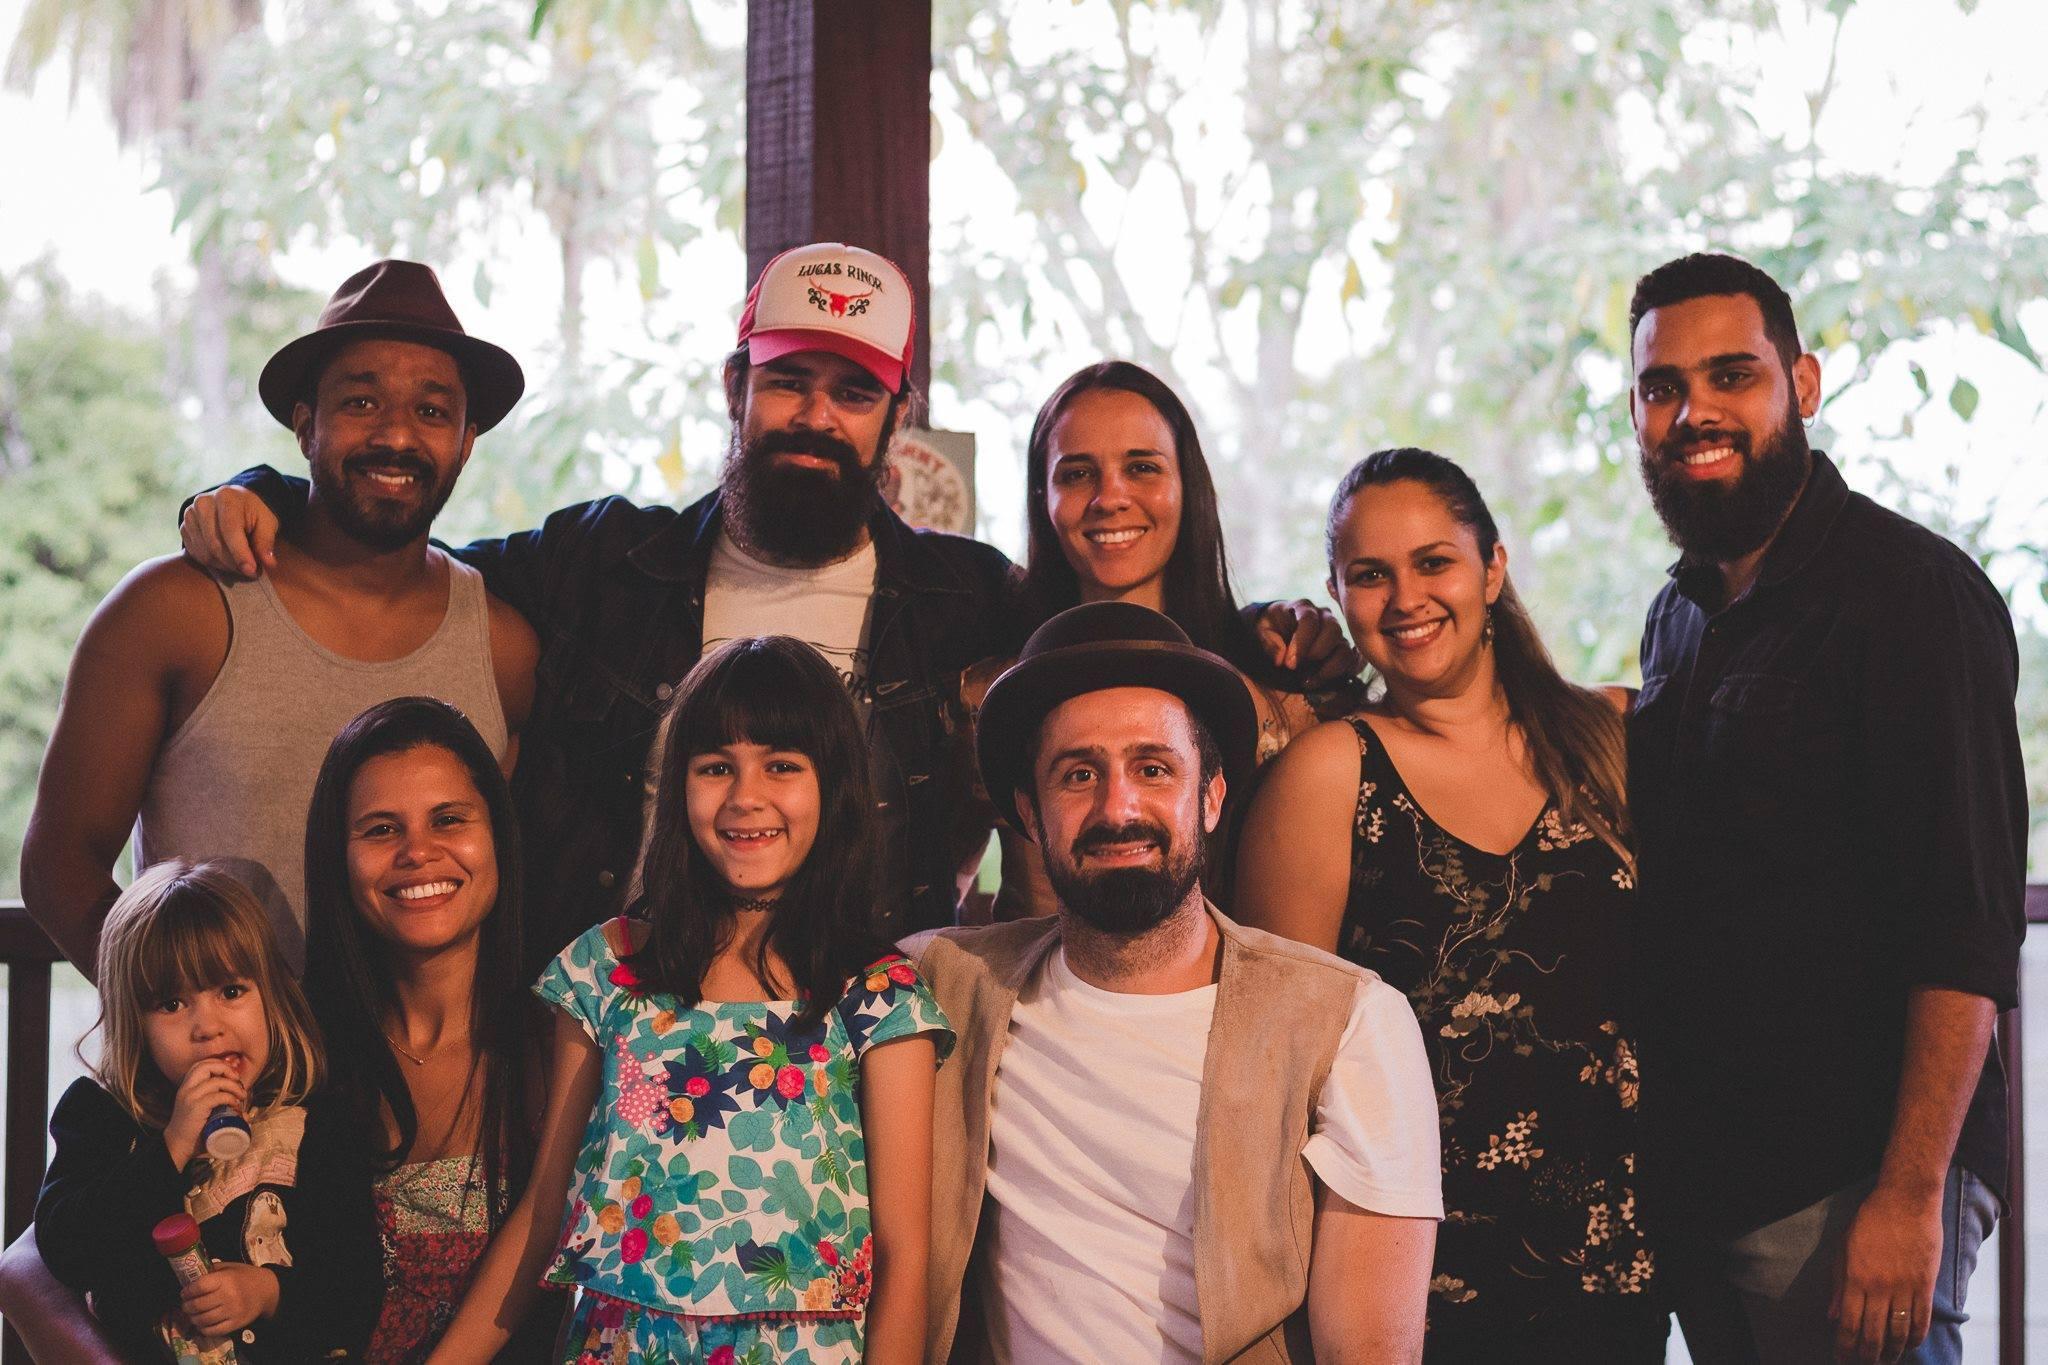 Foto: Barbado Filmes